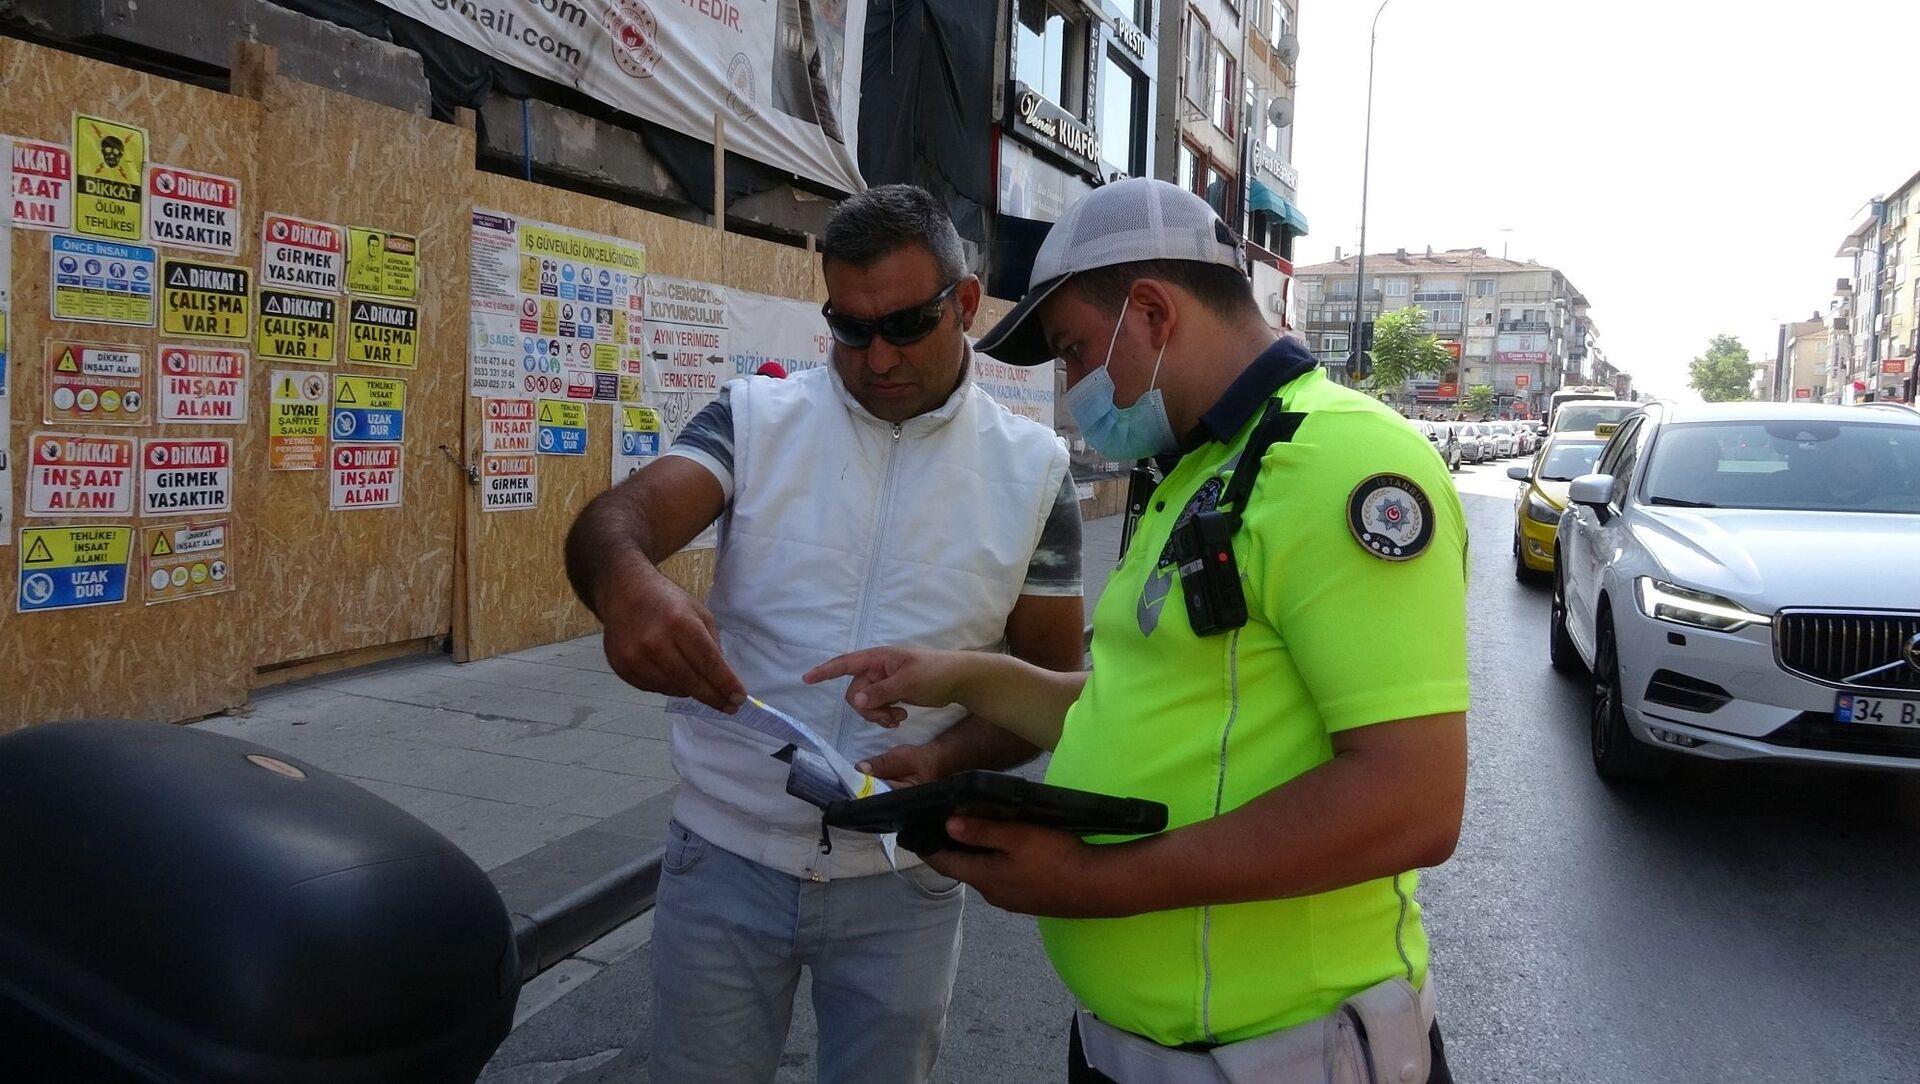 Denetimde, motosikletinin muayenesini geciktirdiği tespit edilen bir sürücüye para cezası kesildi.  - Sputnik Türkiye, 1920, 03.08.2021